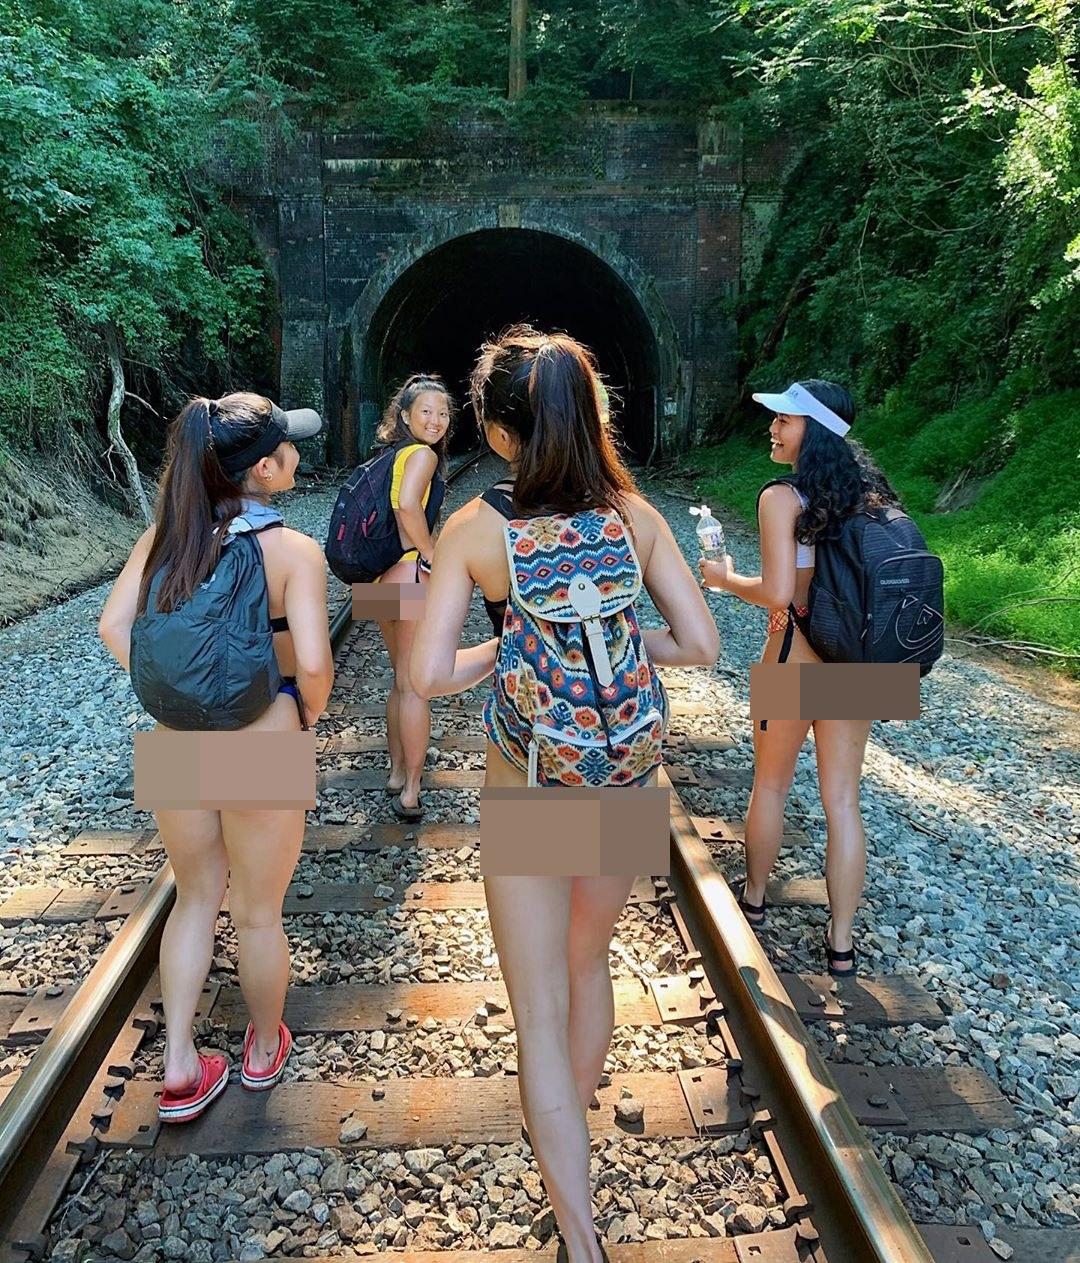 """4 cô gái Nhật mặc trang phục không phù hợp khi du hí nơi bị """"nguyền rủa"""" - 1"""